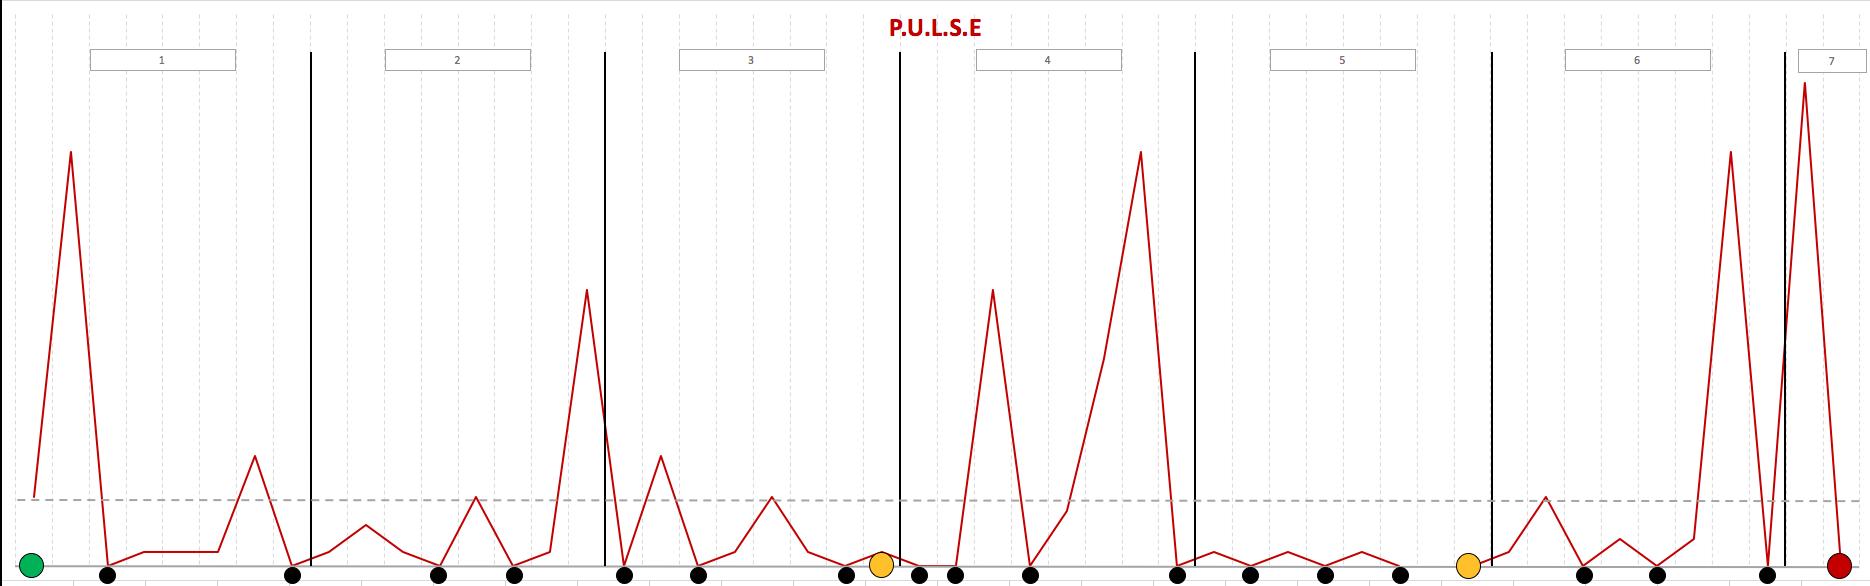 Простой анализ бизнес процессов компании. Методика PULSE